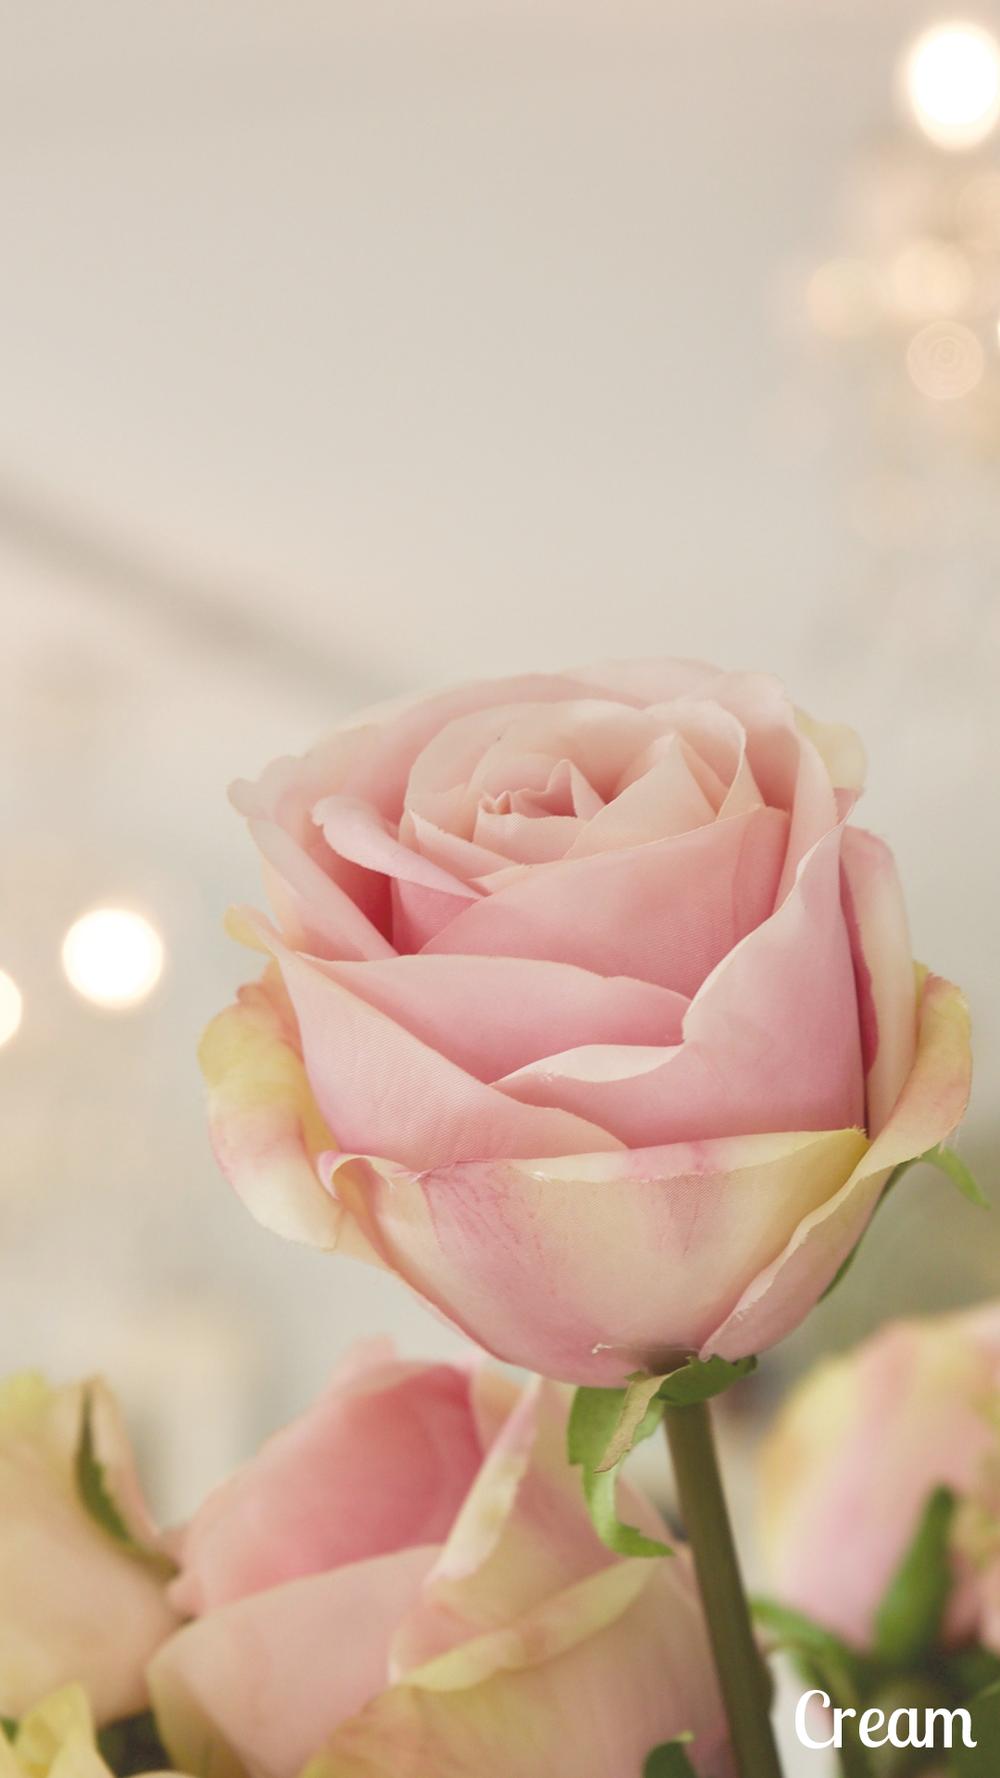 Fleur de The - Cream